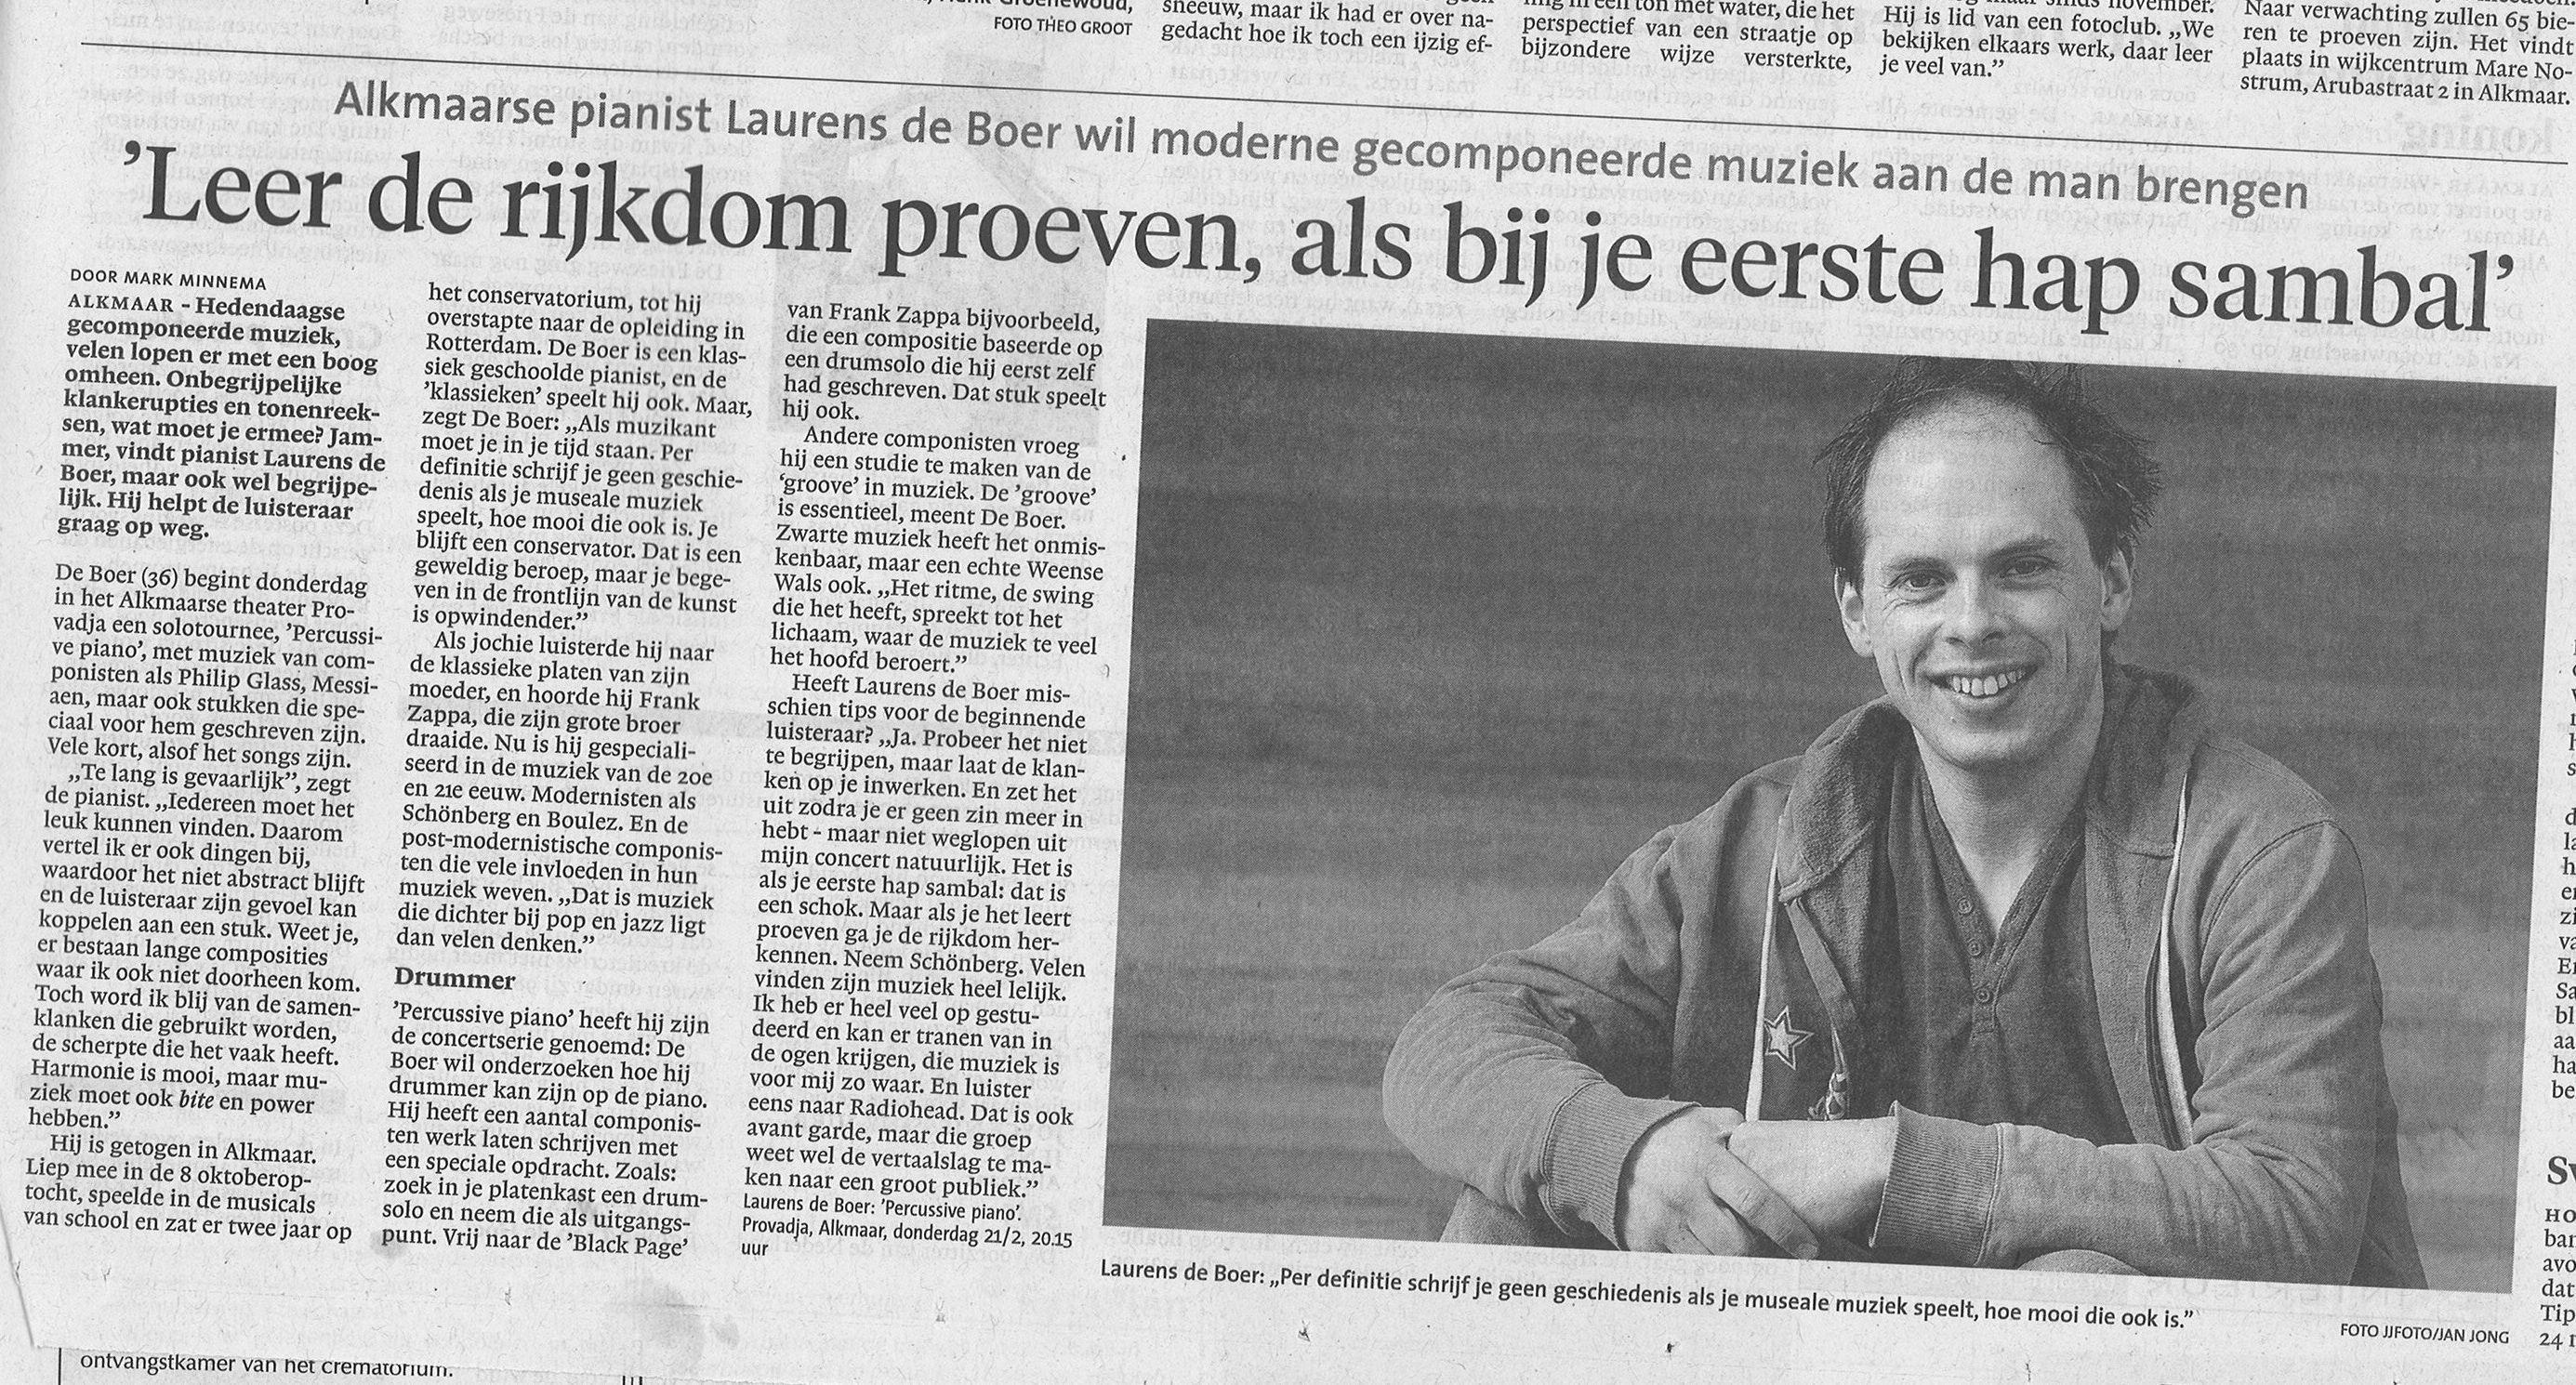 NHD 15-2-2013 Laurens de Boer